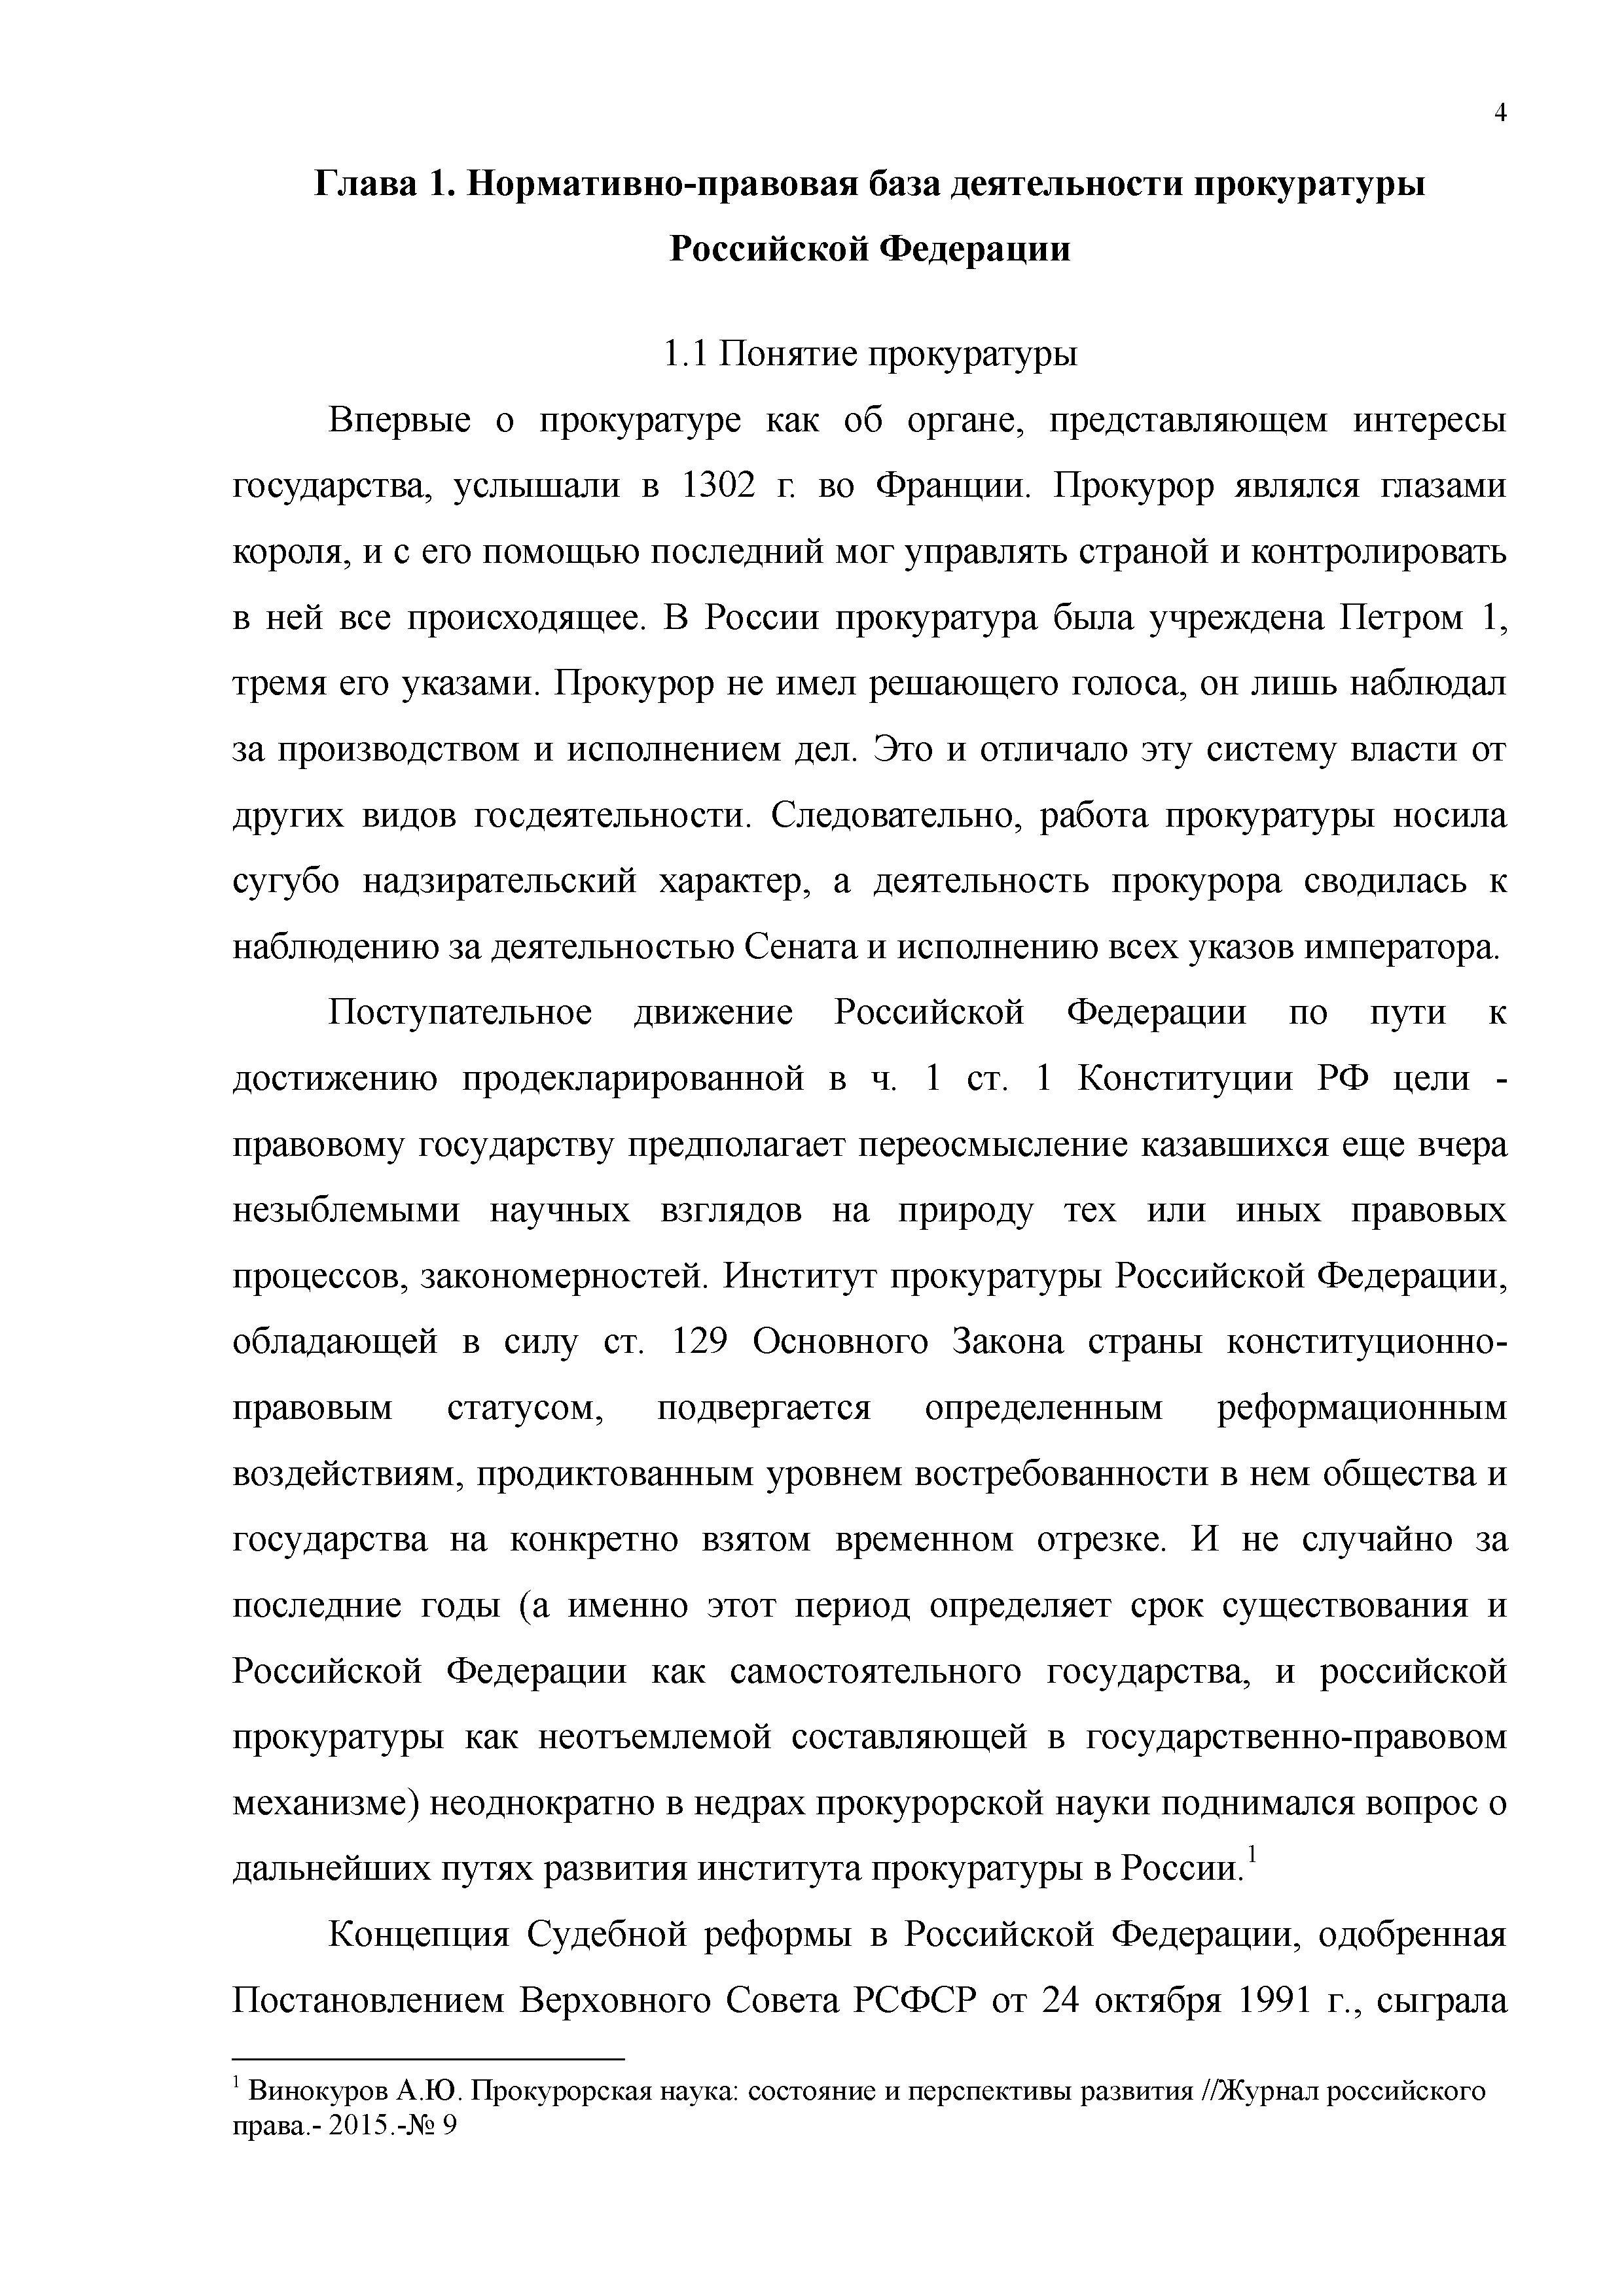 Правовые документы регламентирующие деятельность прокуратуры